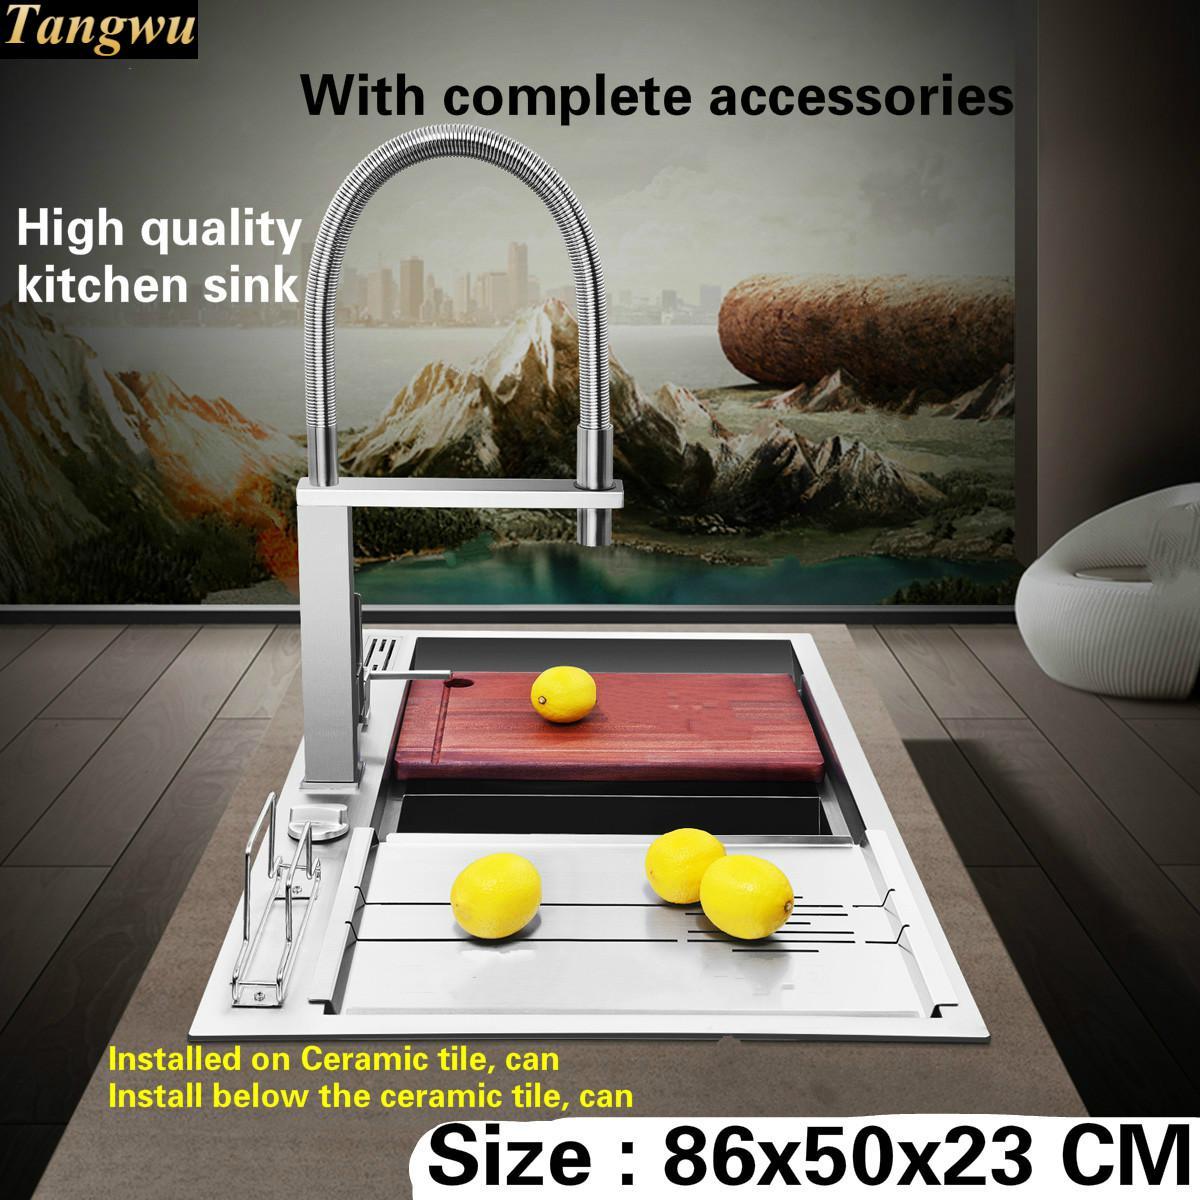 Tangwu роскошный и высокого класса кухонная раковина Кнопка Дренаж 4 мм толщиной пищевой нержавеющей стали двойной паз большой 86x50X23 см